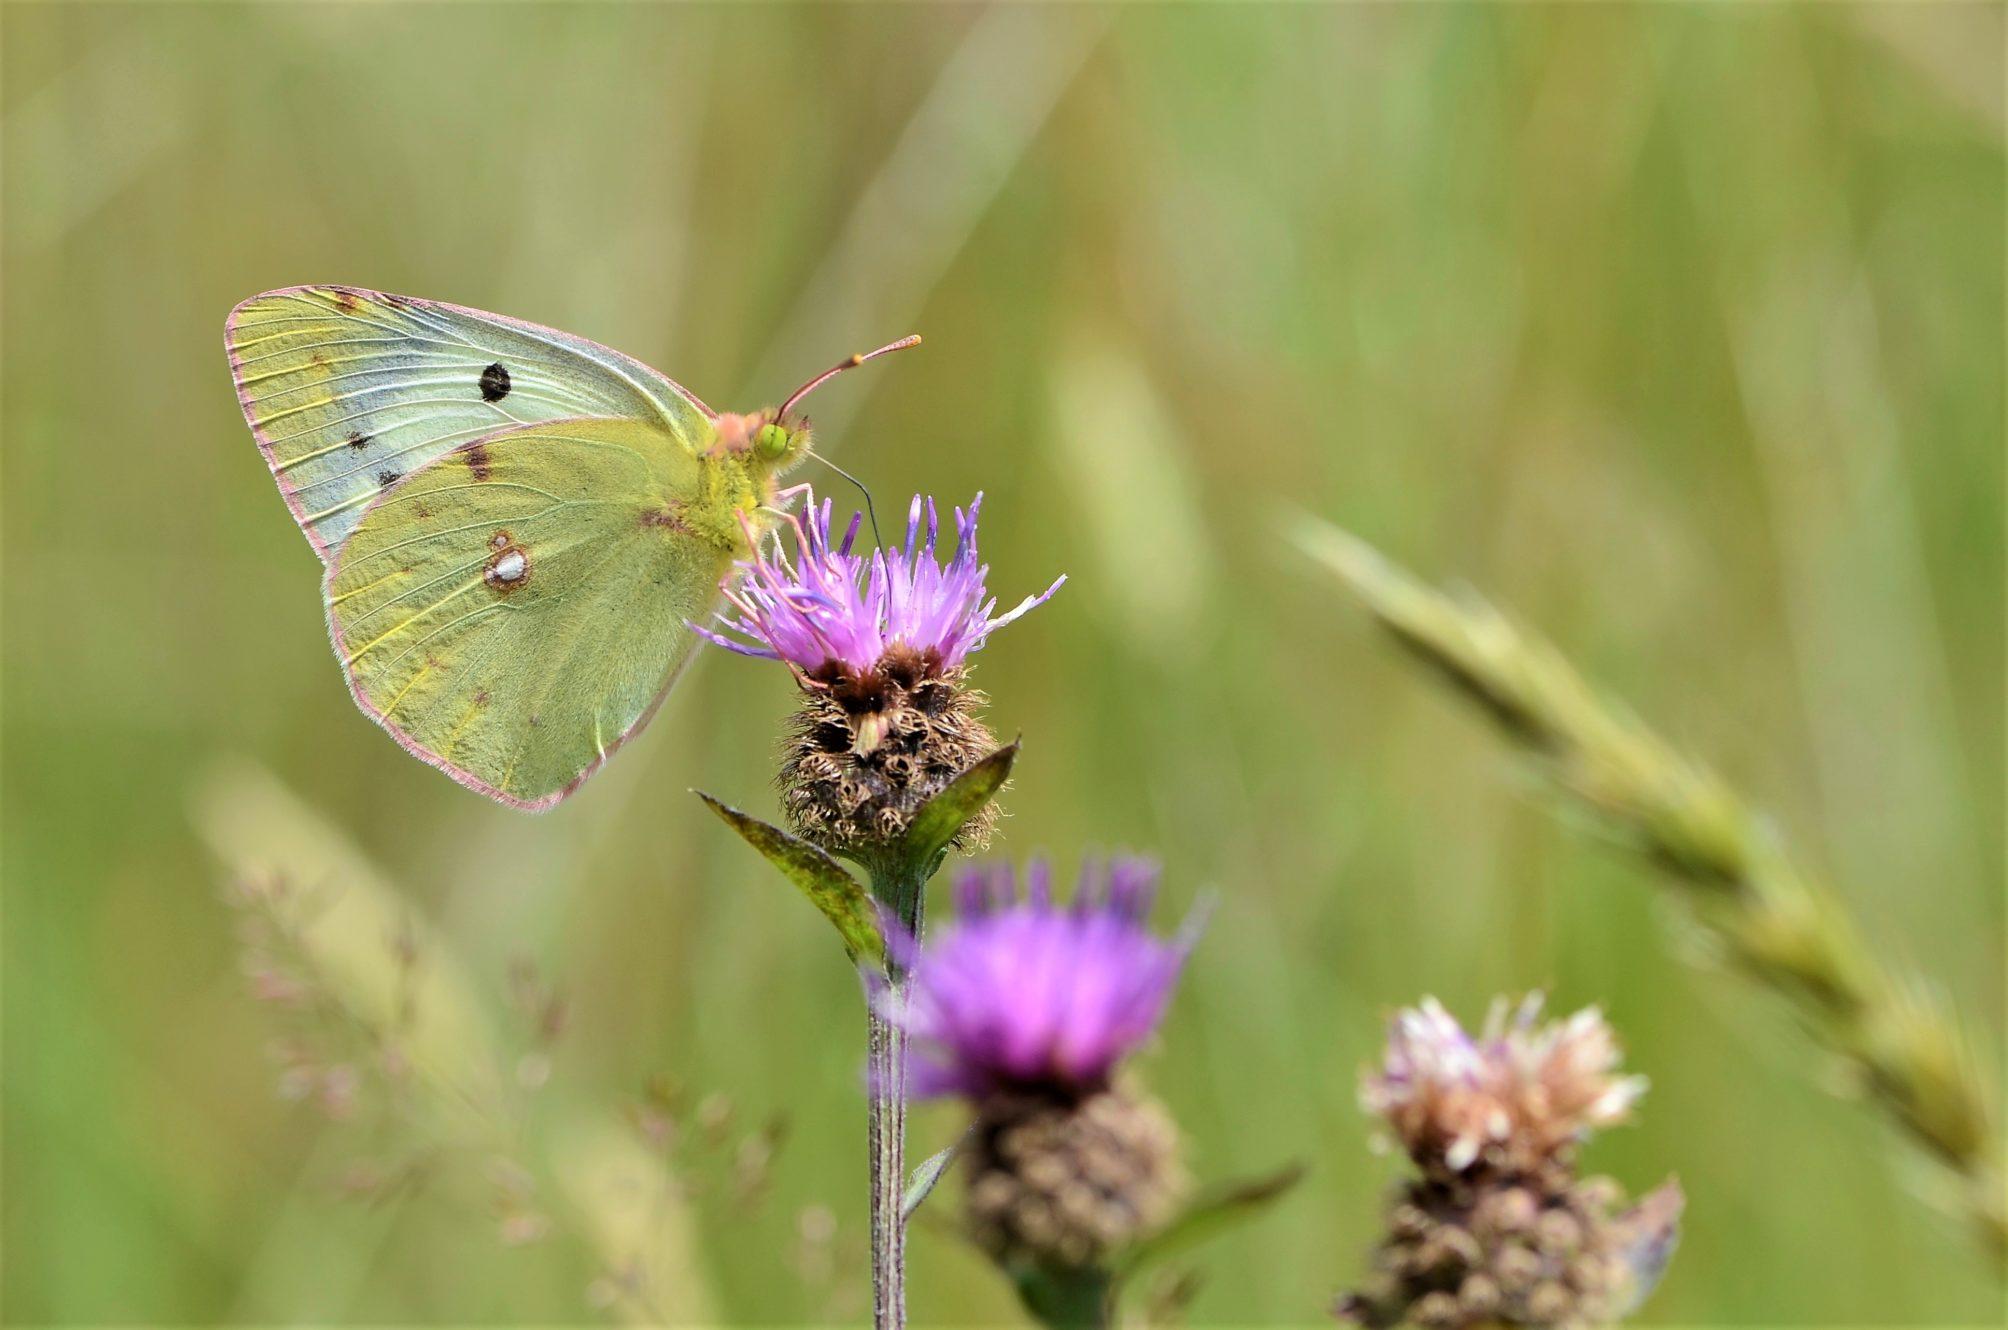 Le souci, papillon migrateur